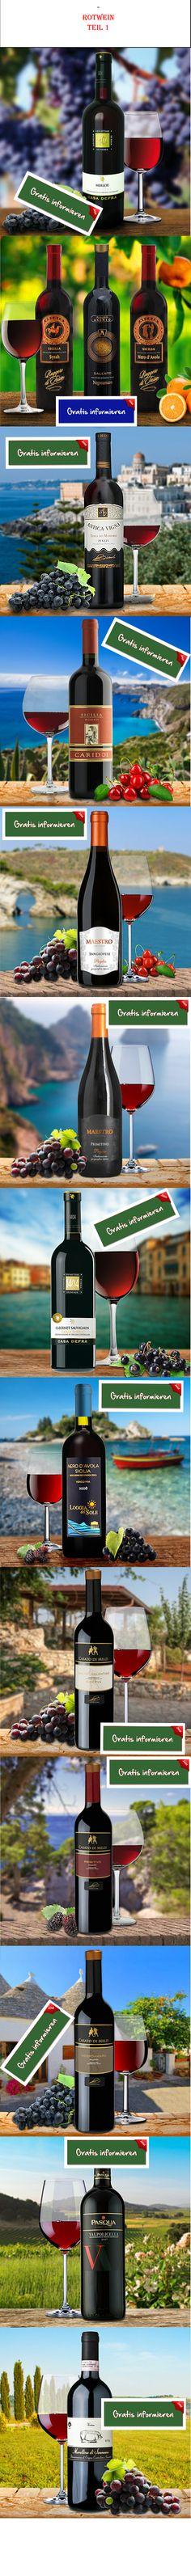 13 Sorten Rotwein aus Italien, diesmal wieder in Farbe! Hier klicken: http://blogde.rohinie.com/2013/01/rotwein/ #Italien #Weisswein #Sizilien #Venetien #Suettirol